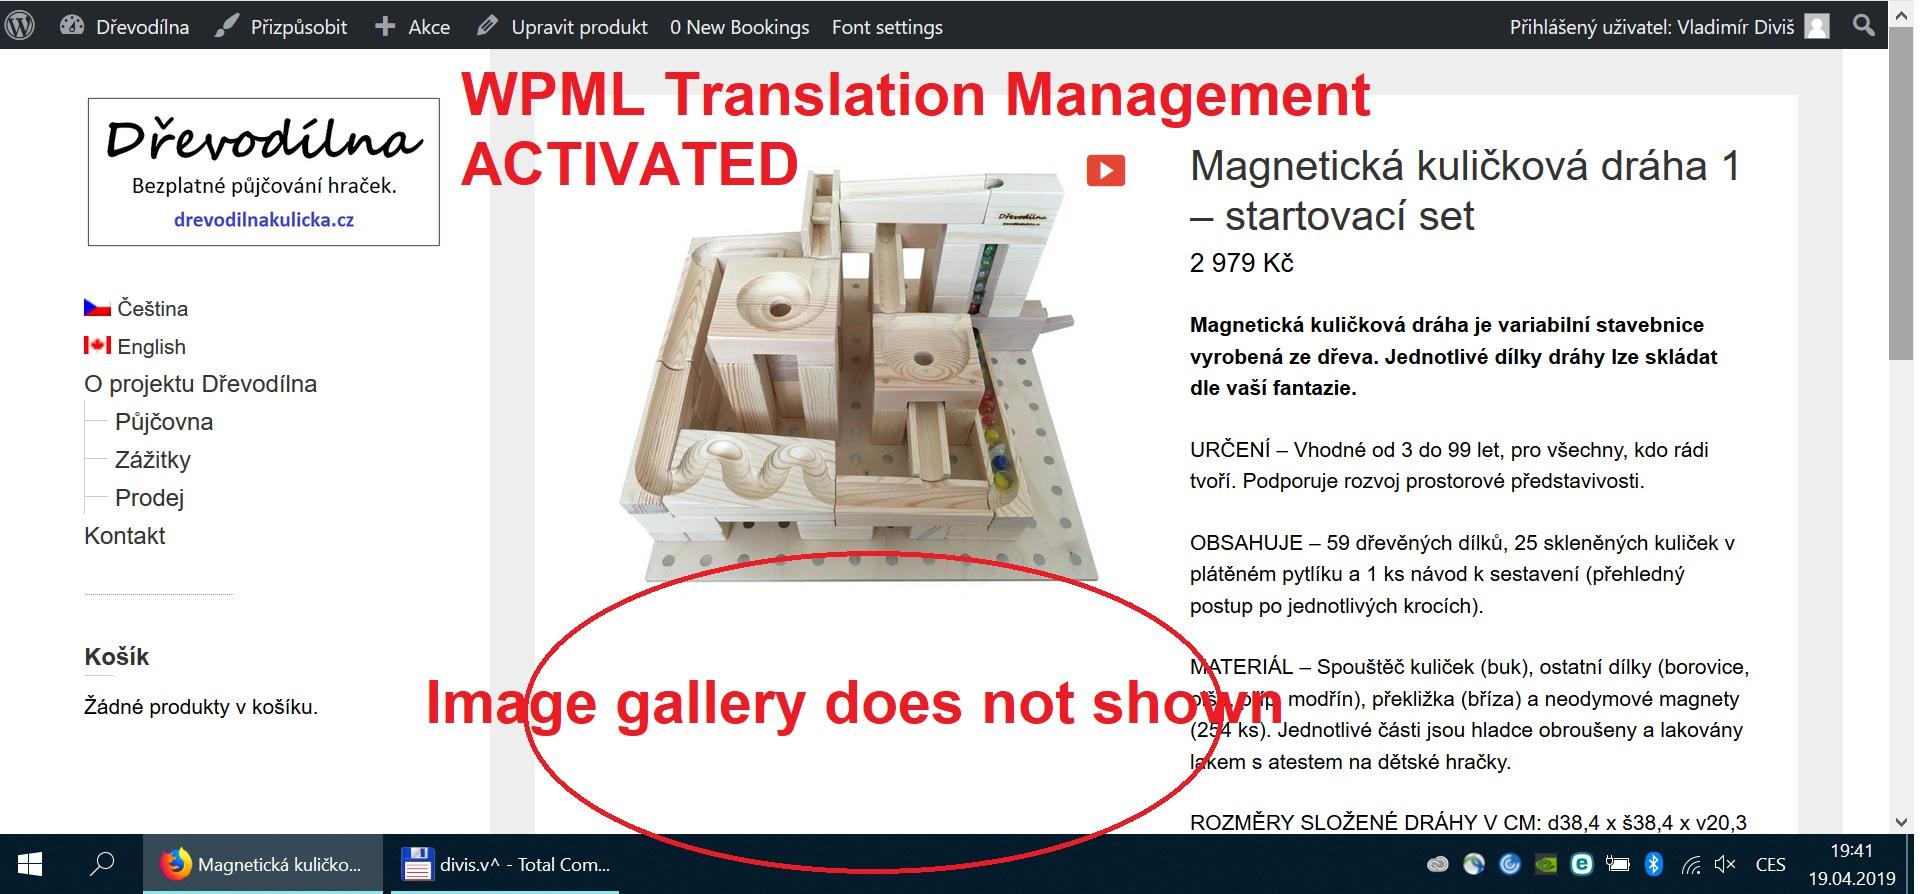 WPML TM_active.jpg